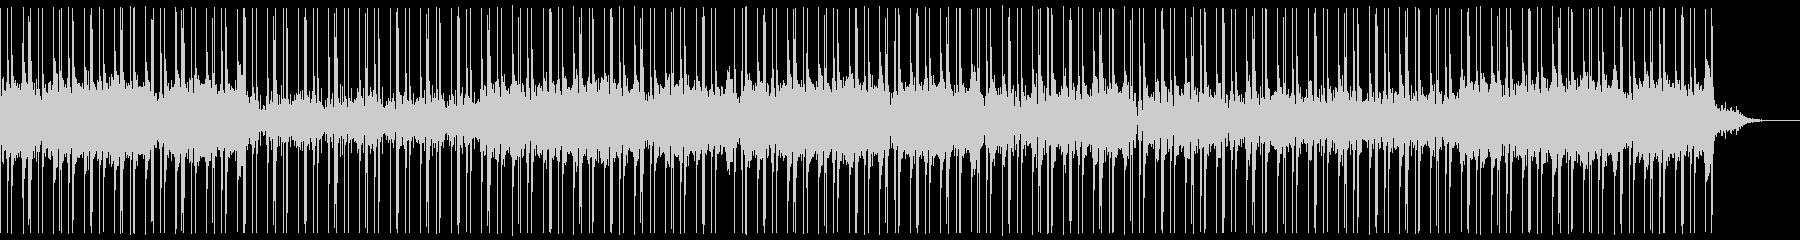 エレクトロニューエイジインストゥル...の未再生の波形